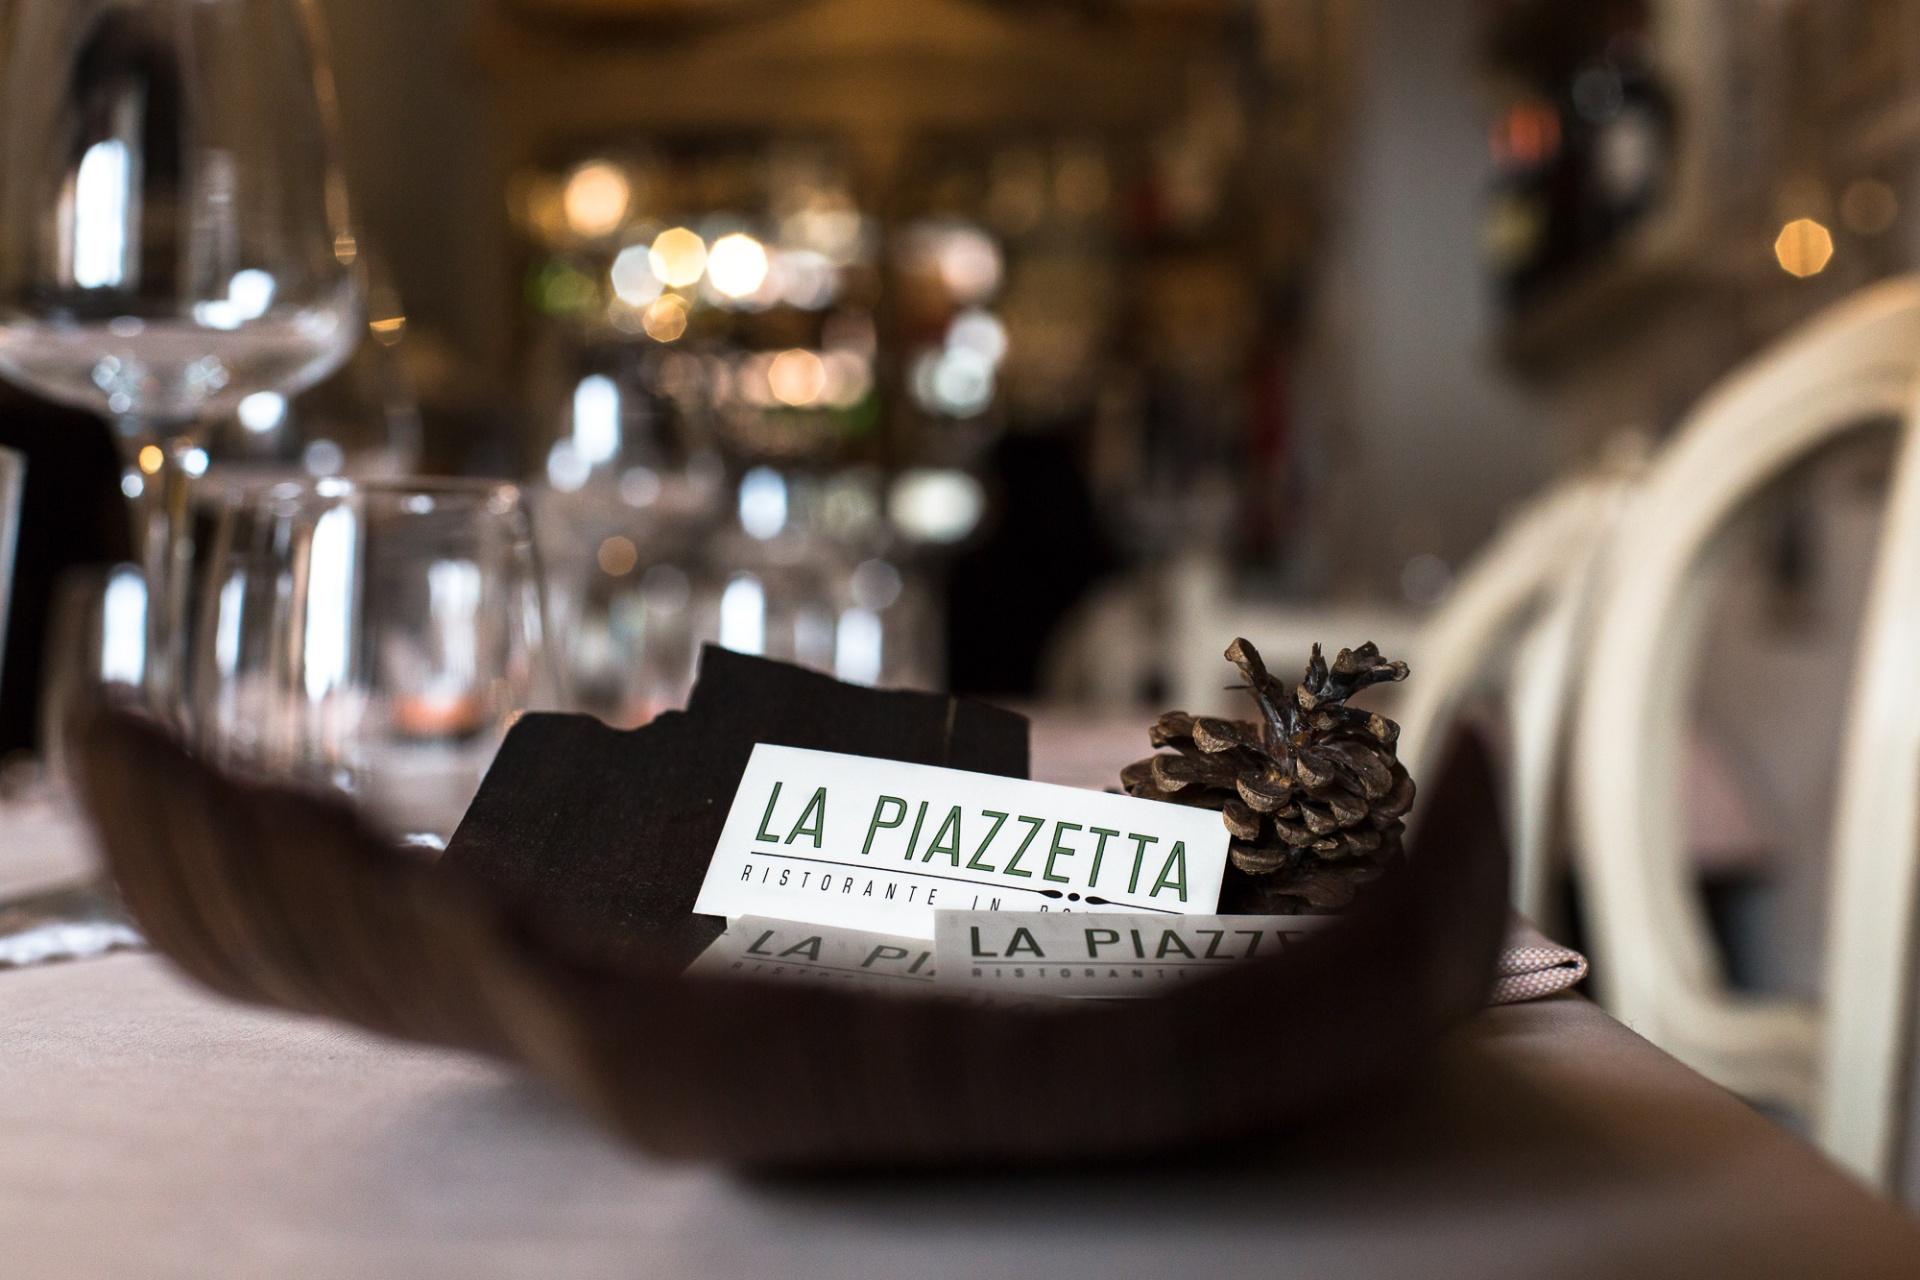 La Piazzetta Ristorante, Fotografo di Food | Servizio fotografico di Food ed Interni al Ristorante La Piazzetta, Fotografo di Food a Bologna Emilia Romagna per ristoranti e chef